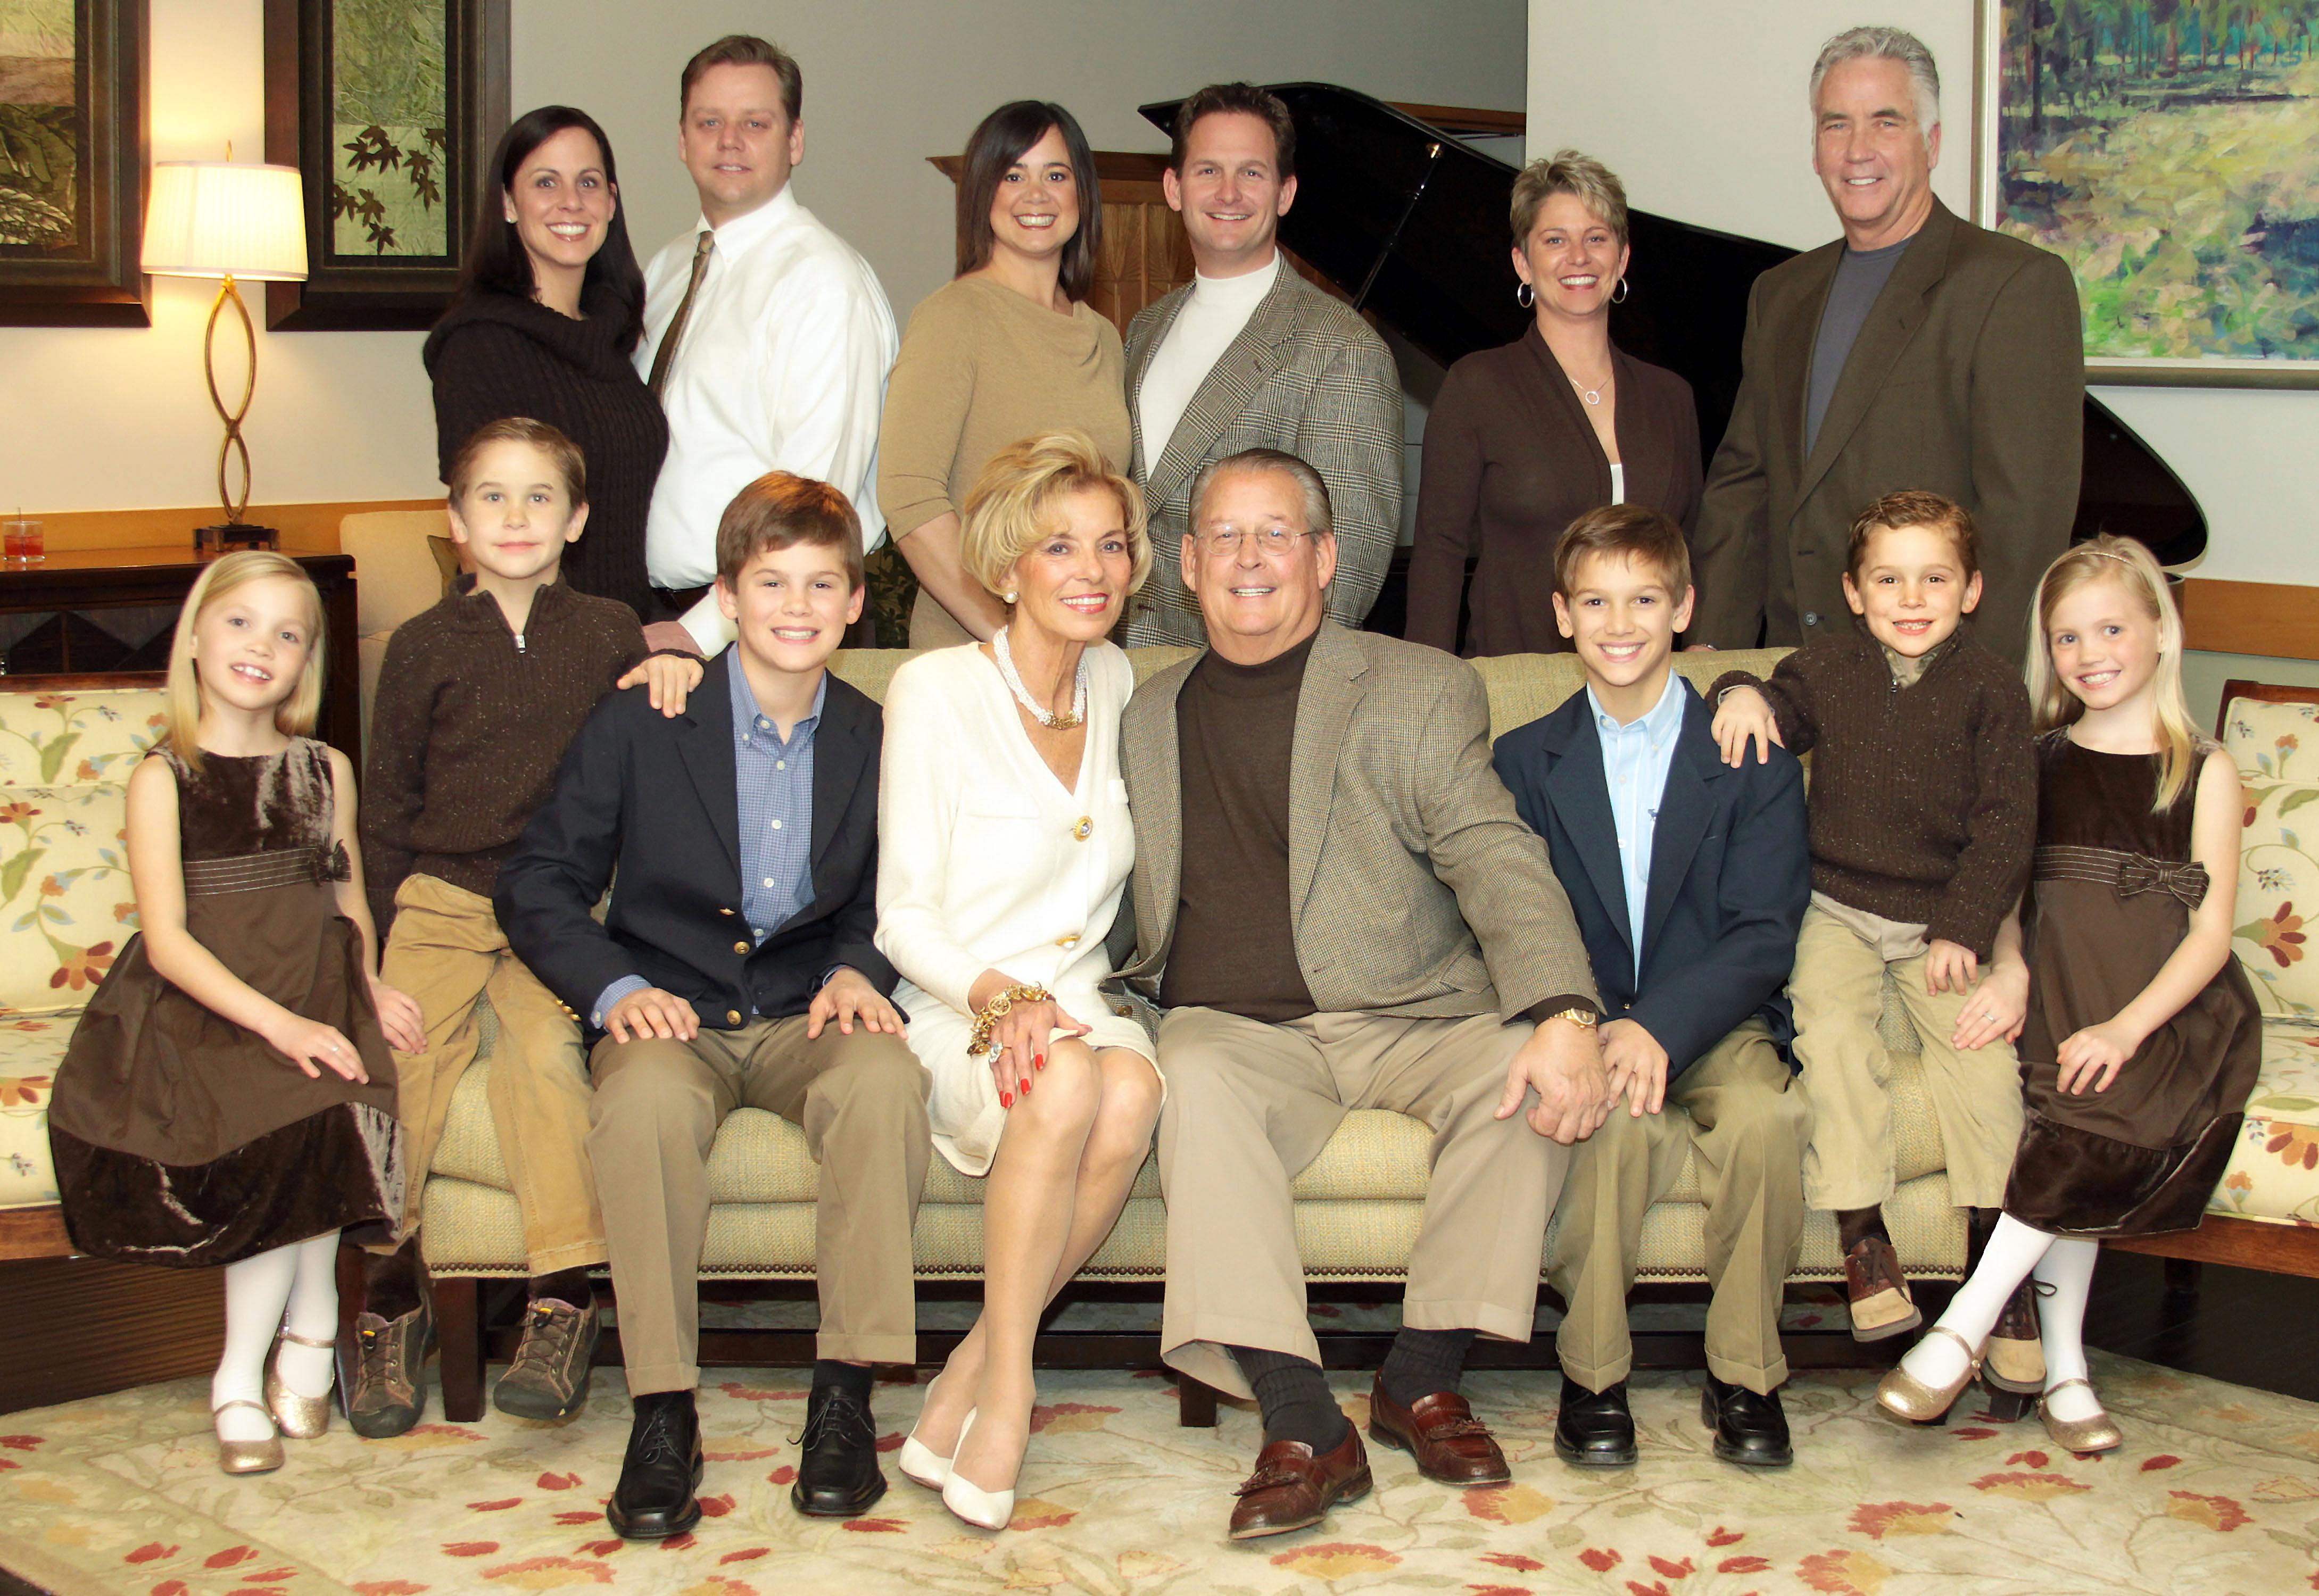 family portrait 1xz.jpg